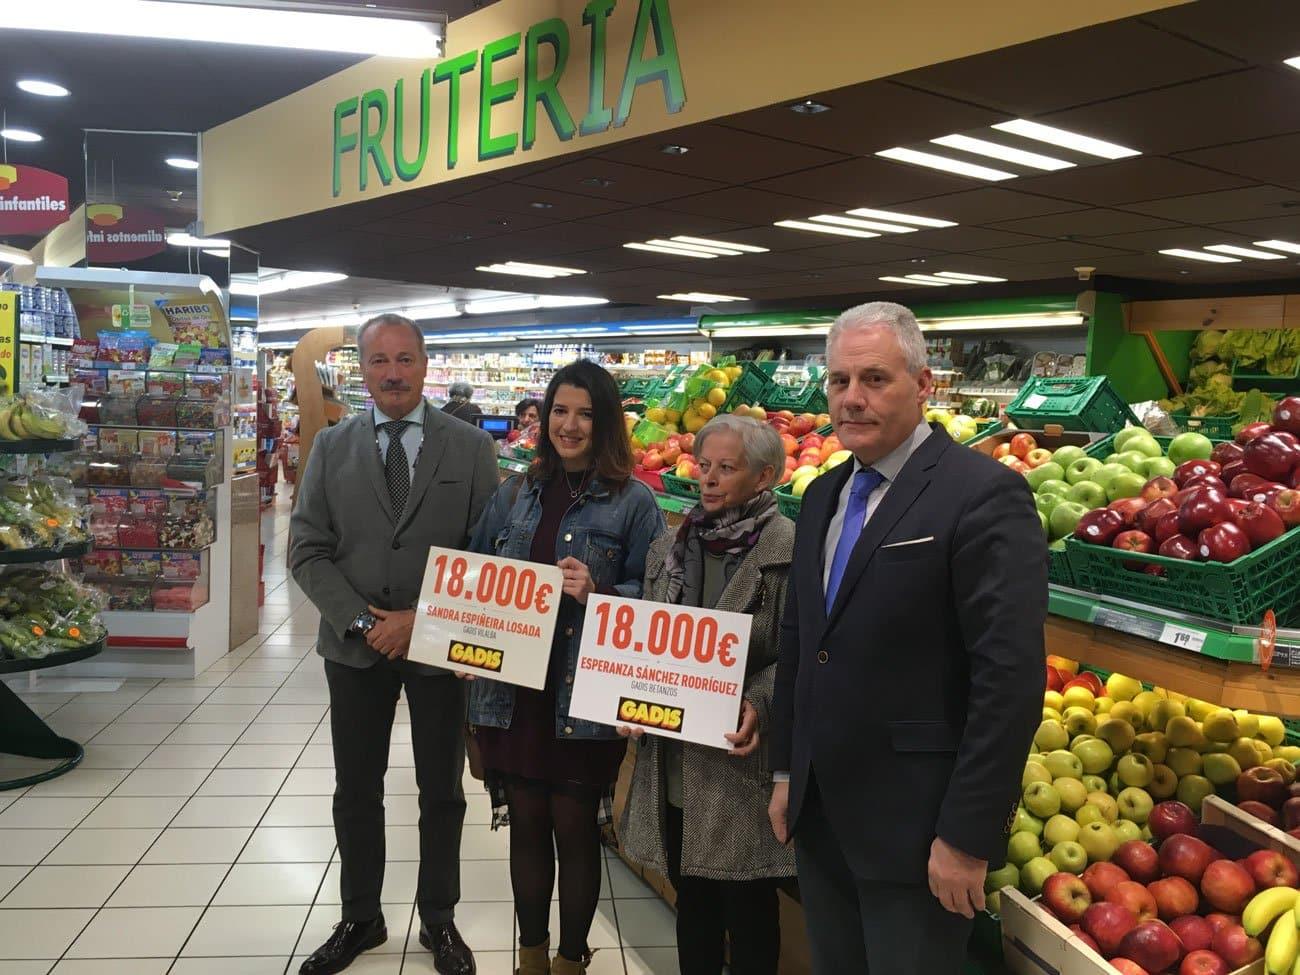 gadis entrega 36.000 euros en dos sueldos